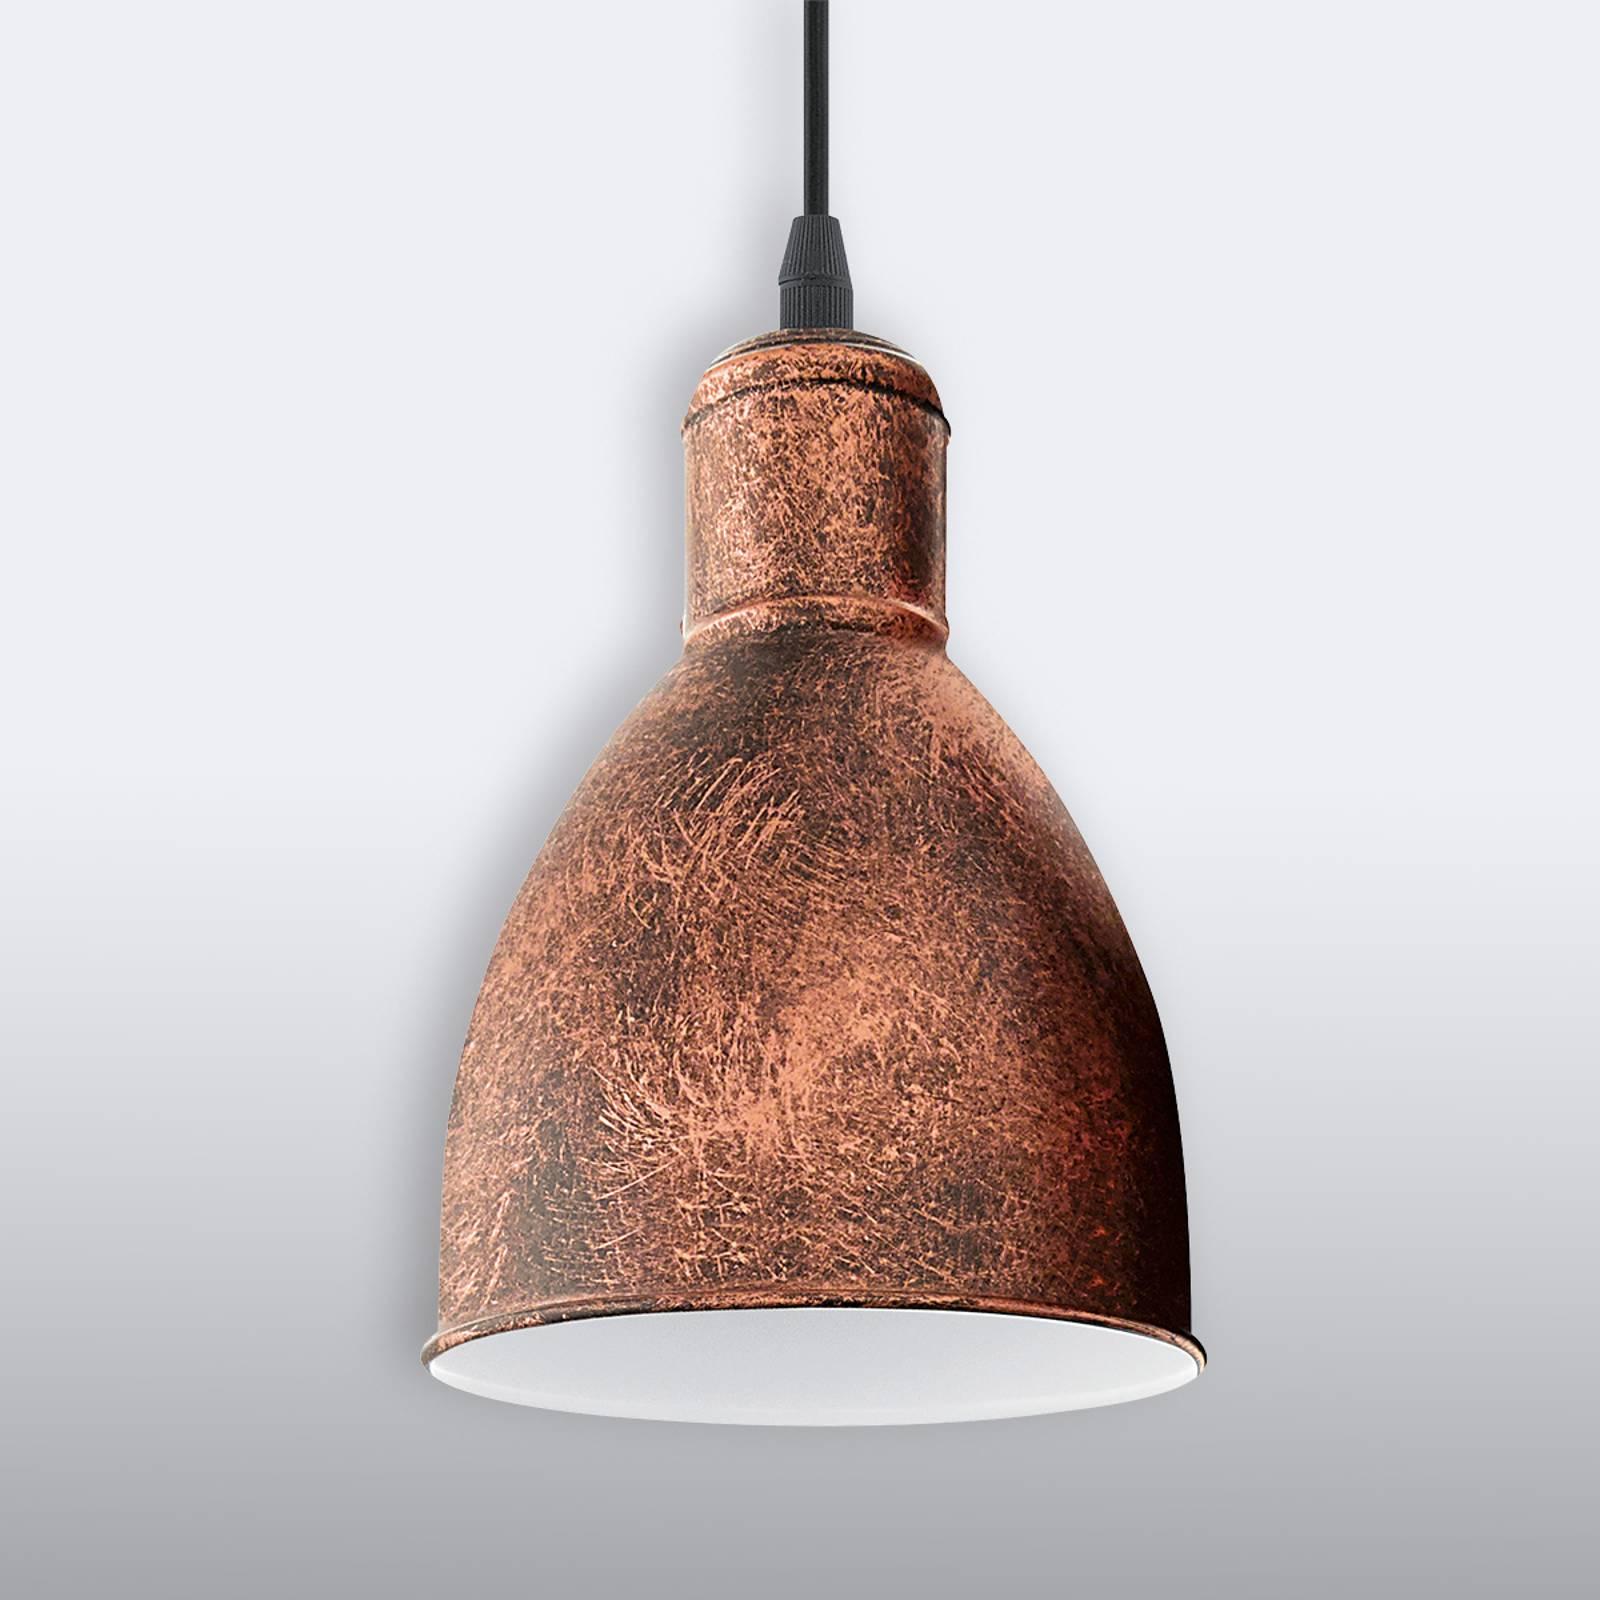 Lampa wisząca Priddy 1, 1-pkt. antyczna miedź